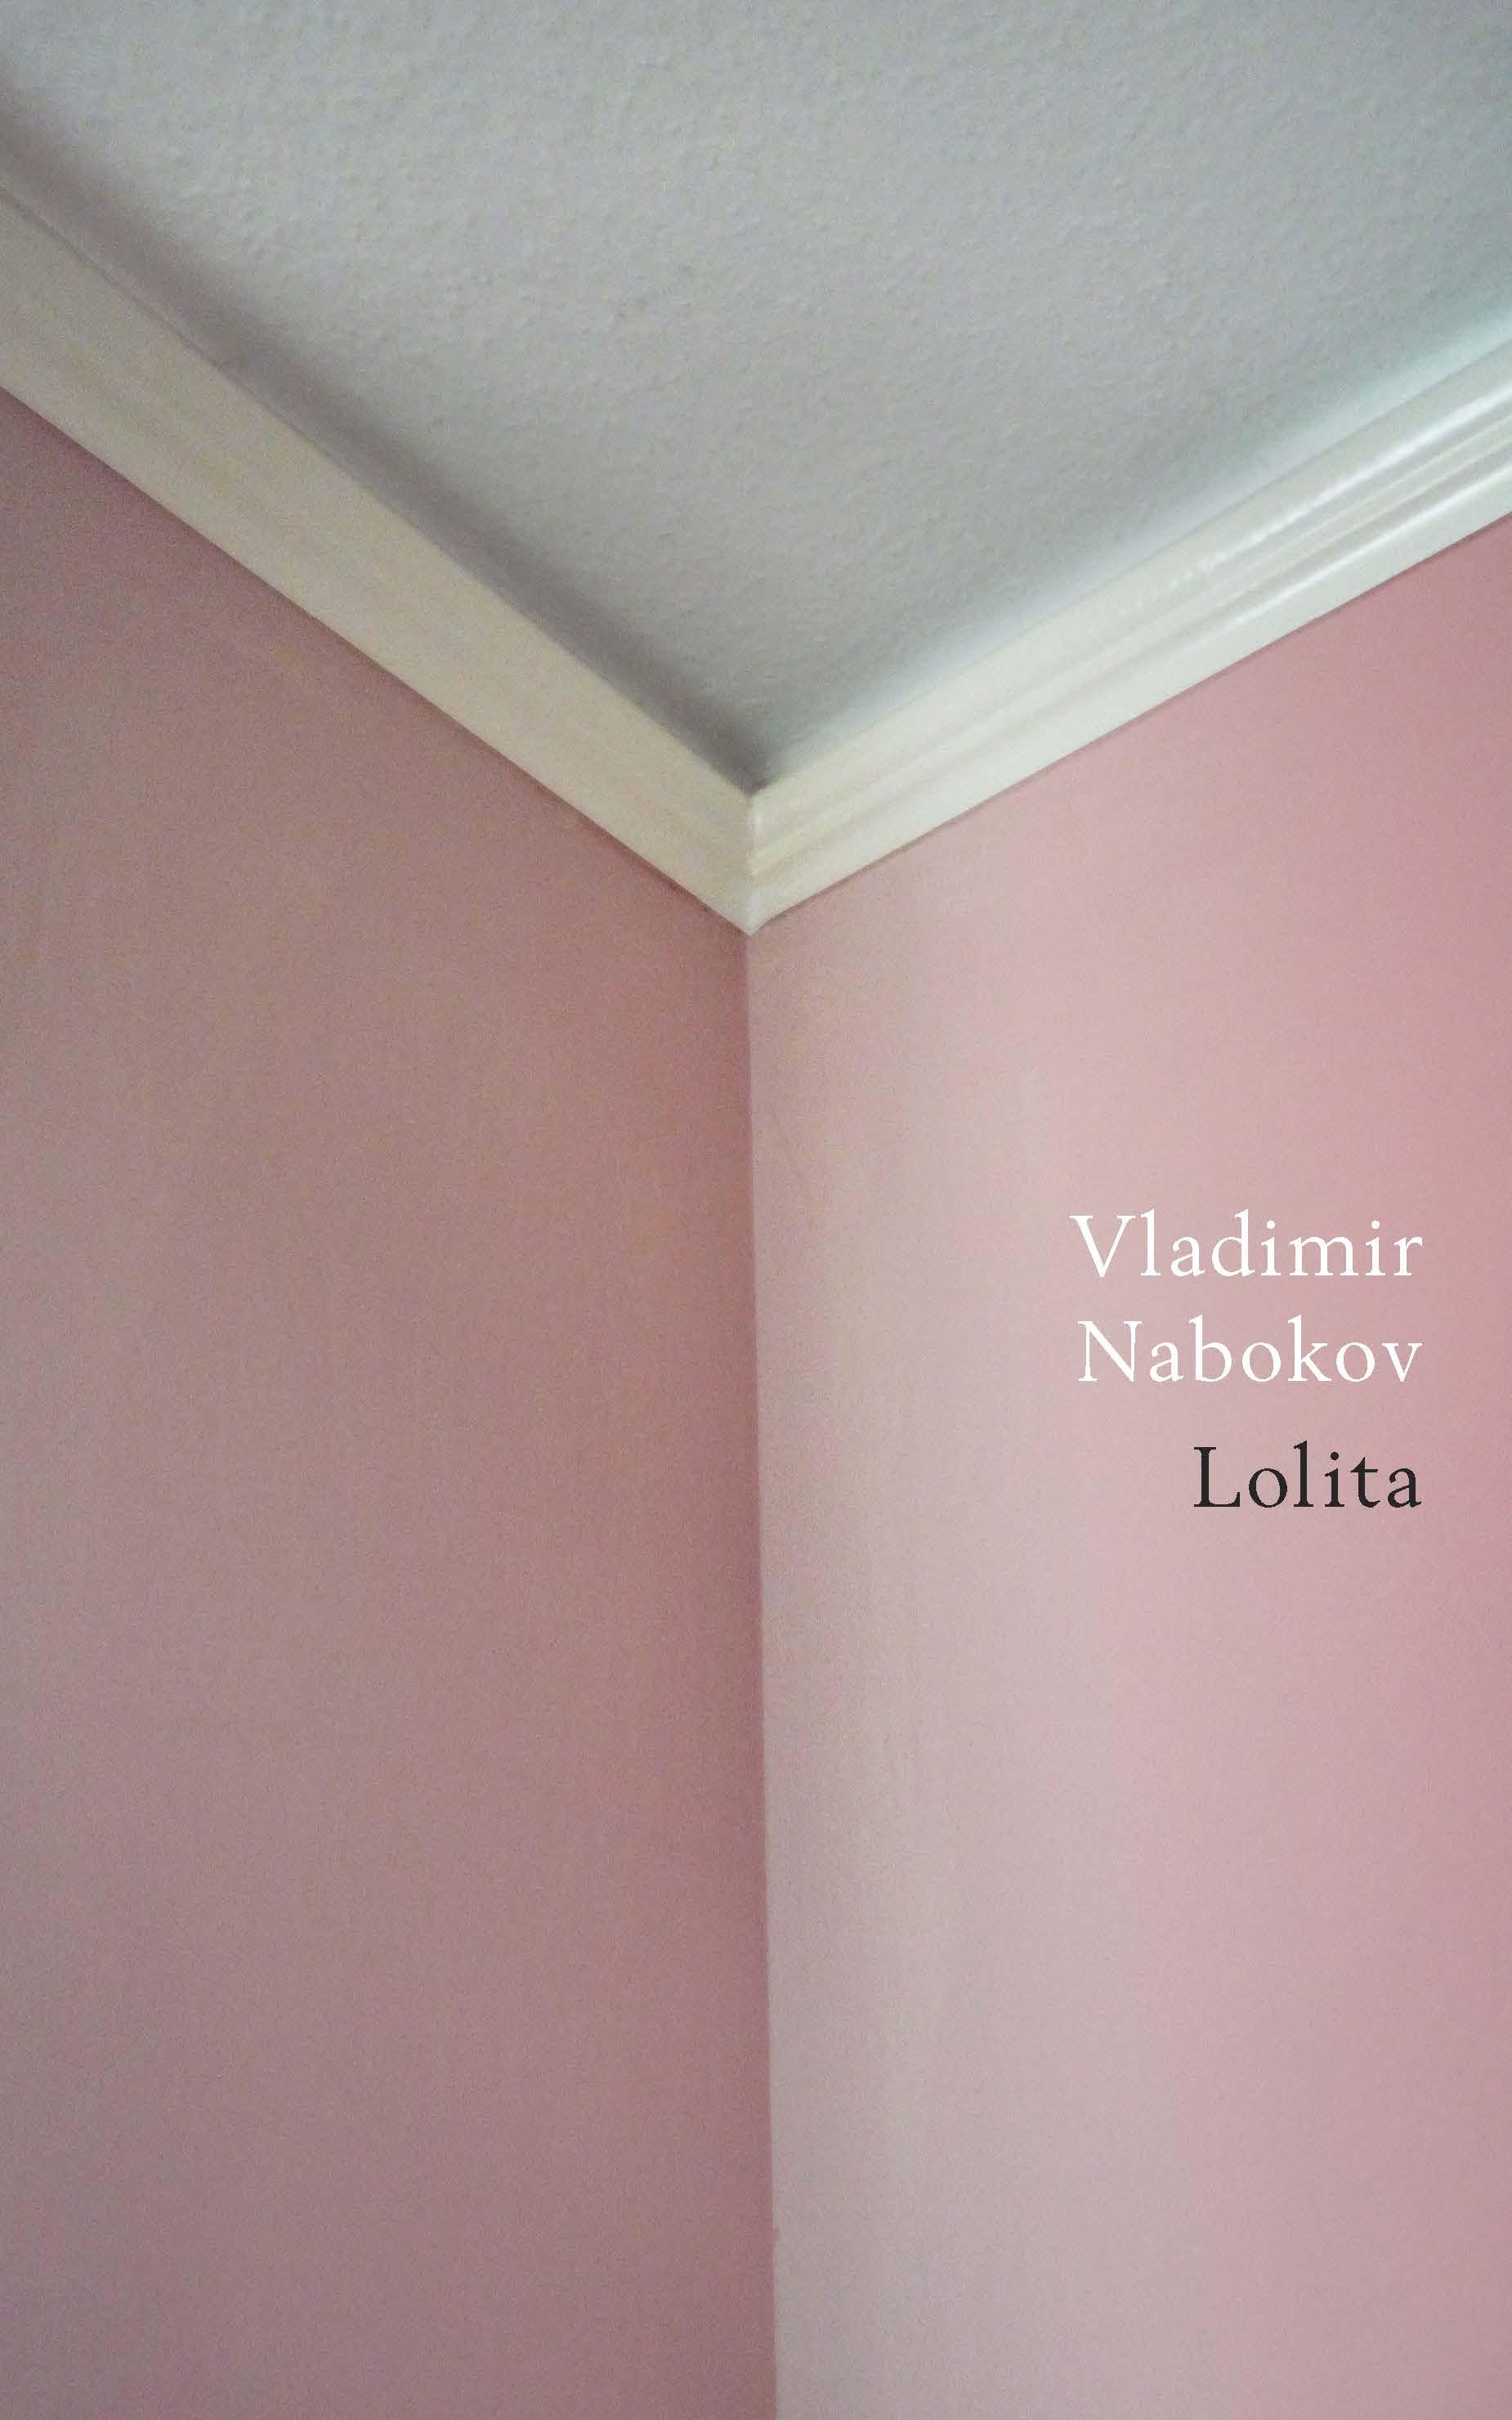 Lolita Cover by Jamie Keenan